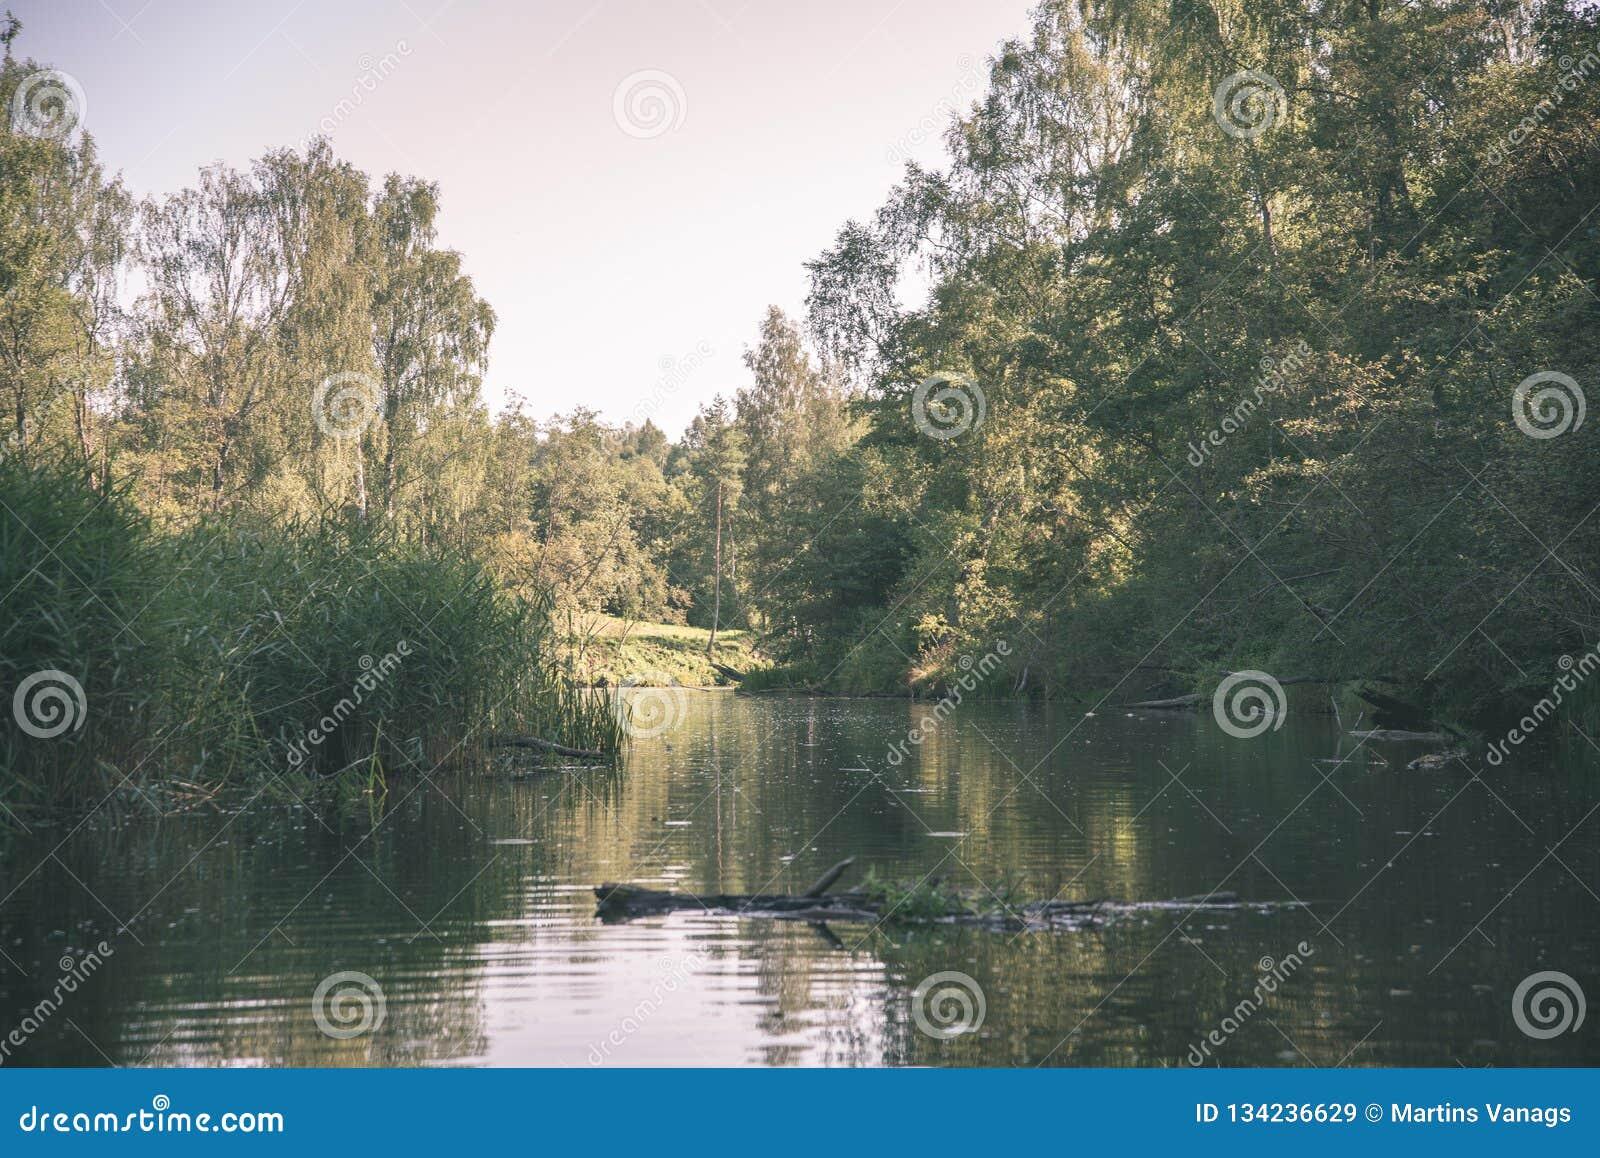 Día de verano en el agua en el río tranquilo incluido en bosques con los acantilados y la madera seca - mirada retra de la piedra